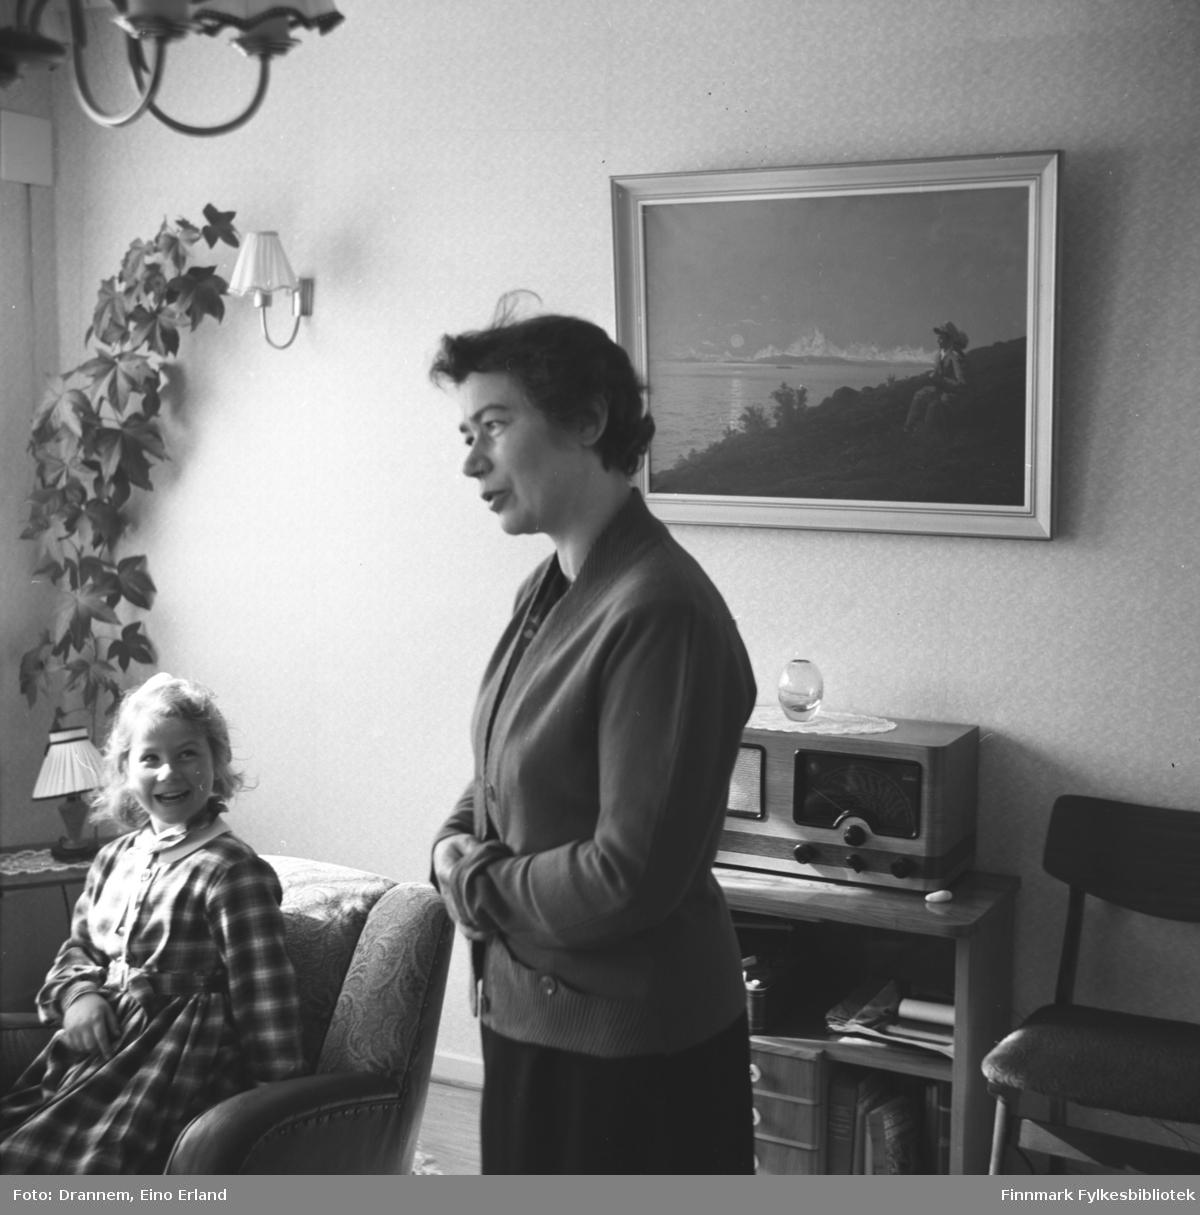 Turid Lillian med sin mor Jenny Drannem fotografert i stuen deres i 17. mai